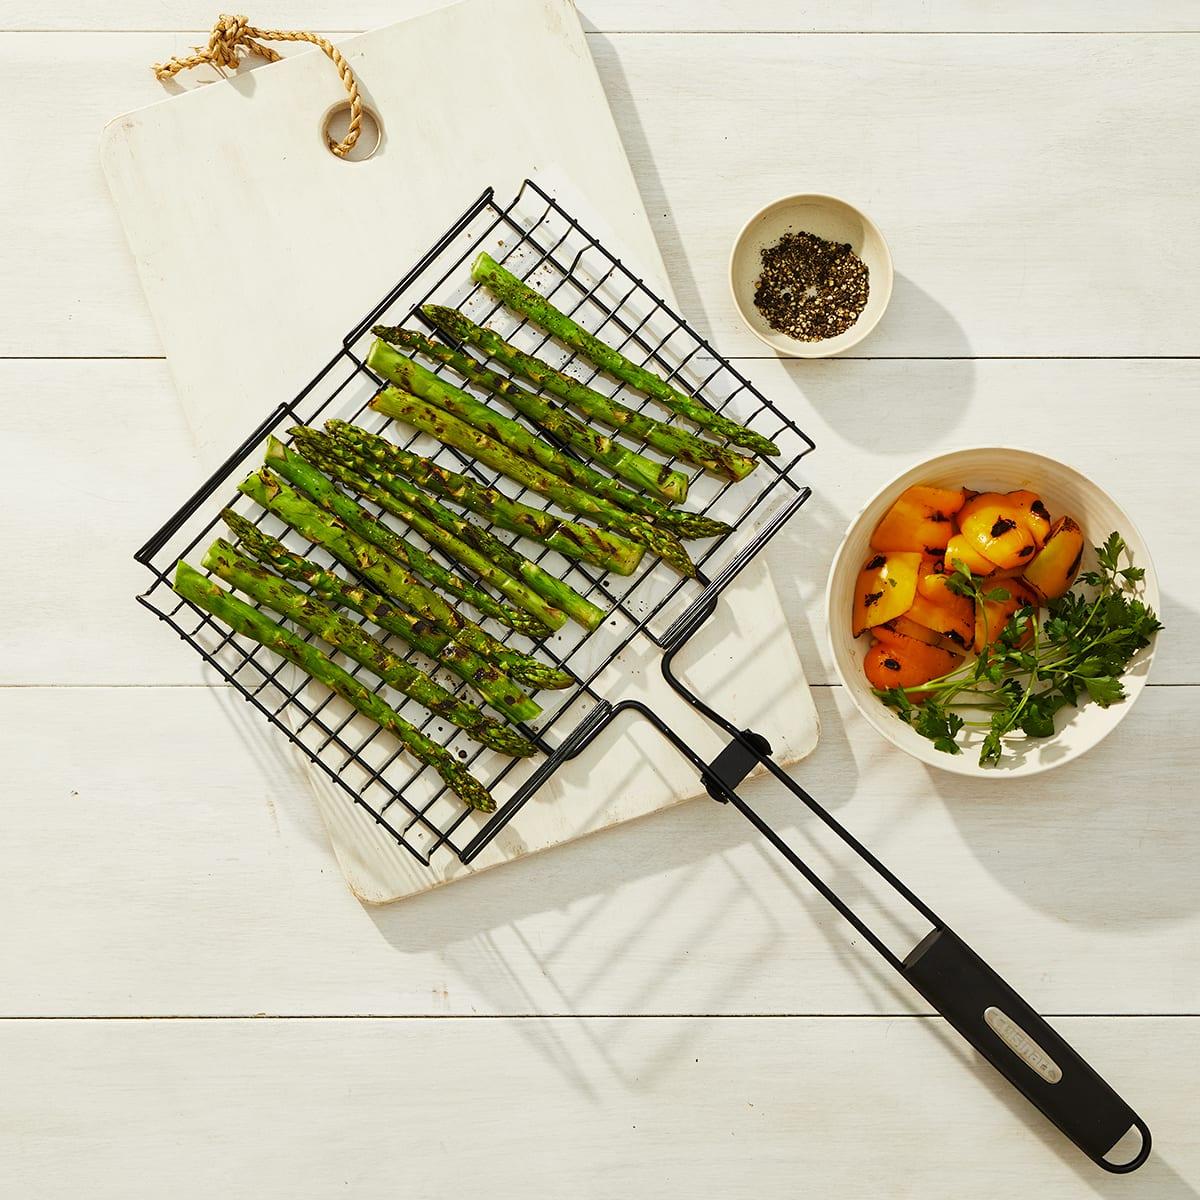 Cuisinart® Non-Stick Grilling Basket - recipe